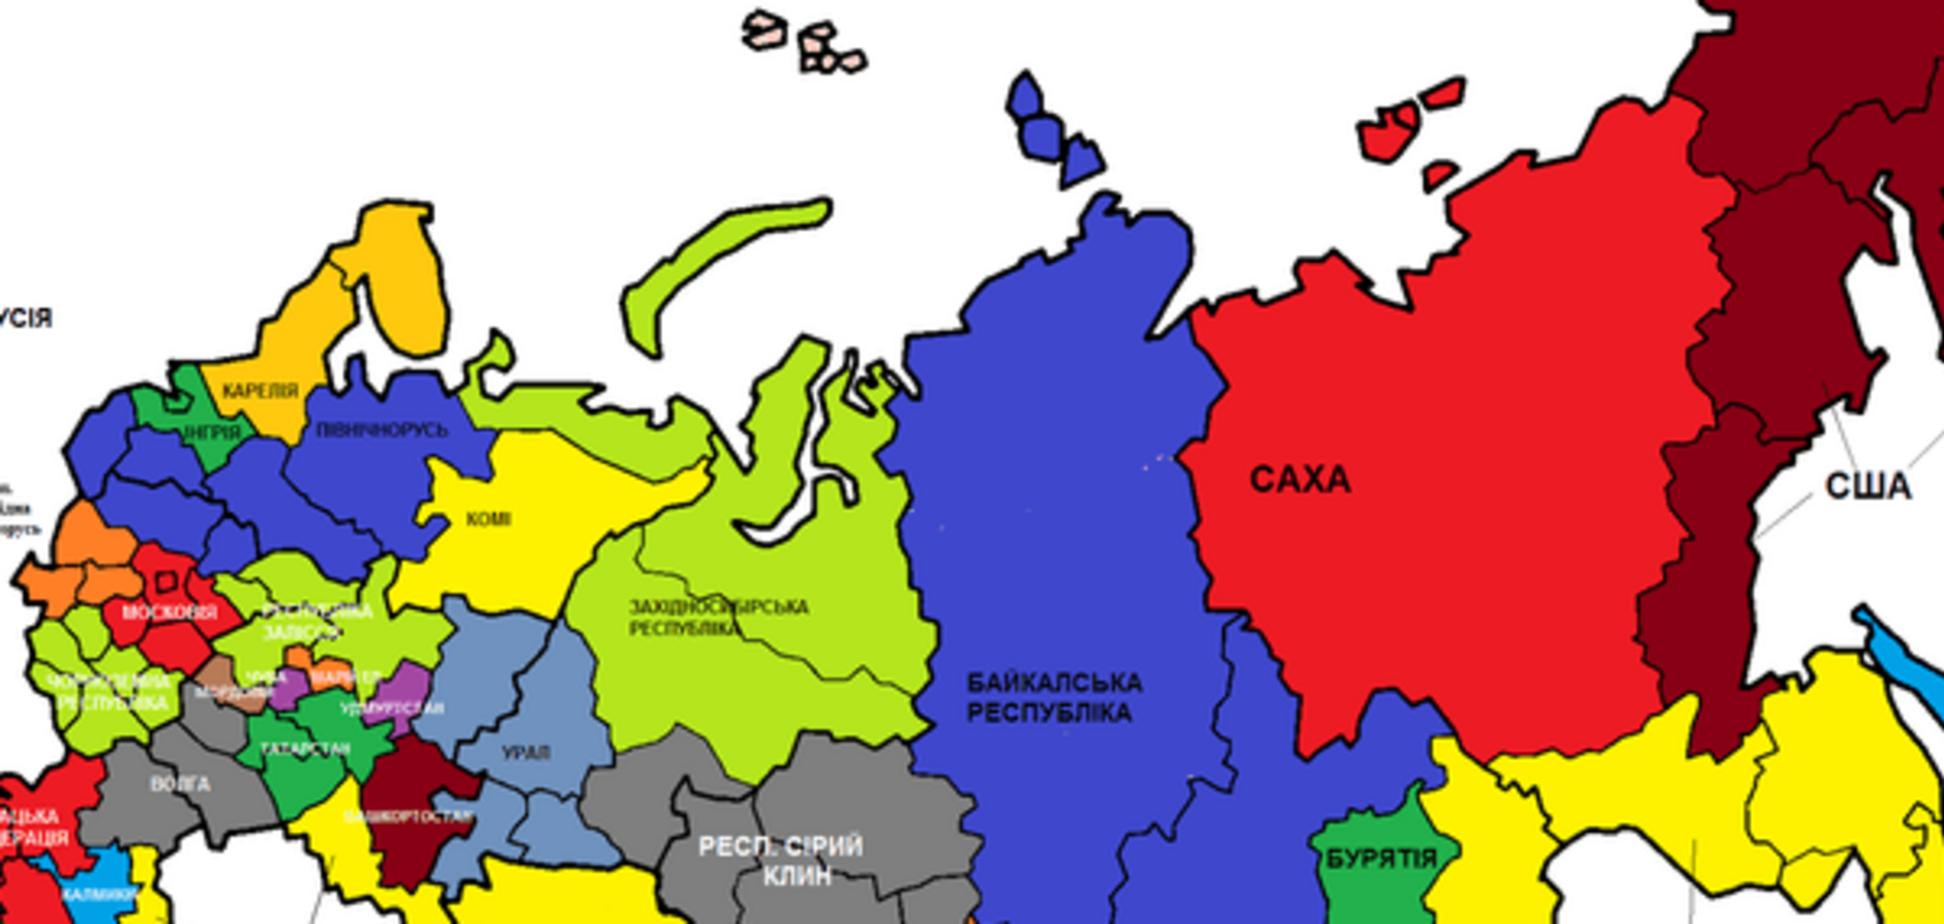 'Штучна країна': Панфілов назвав три причини швидкого розпаду Росії